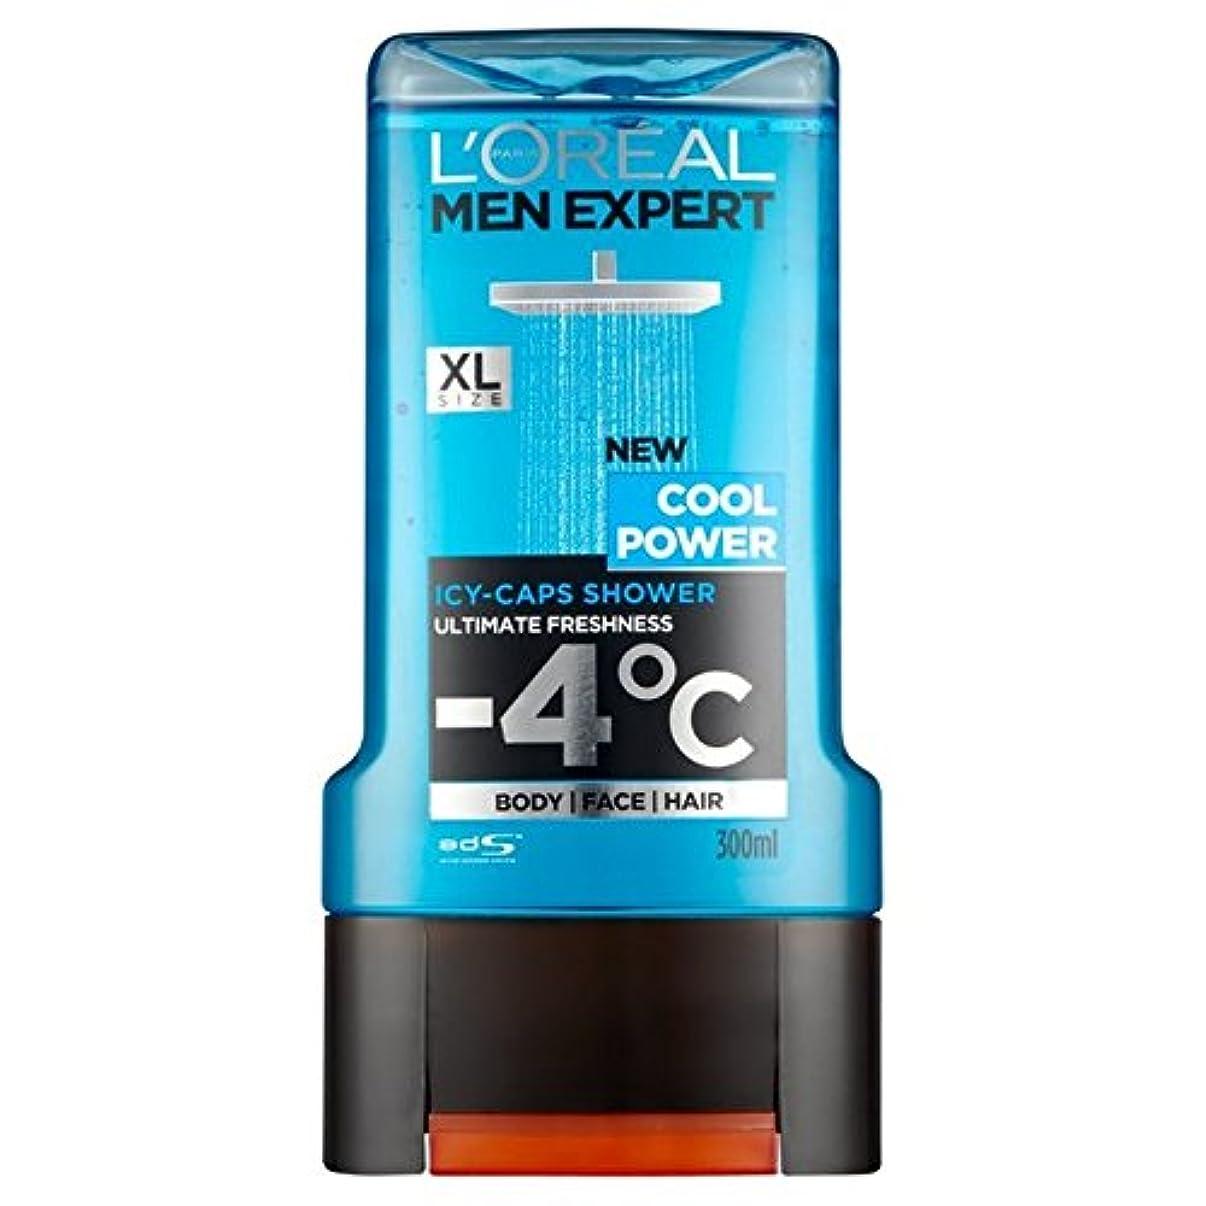 ソブリケット唯物論アサートL'Oreal Paris Men Expert Cool Power Shower Gel 300ml - ロレアルパリの男性の専門家のクールなパワーシャワージェル300ミリリットル [並行輸入品]